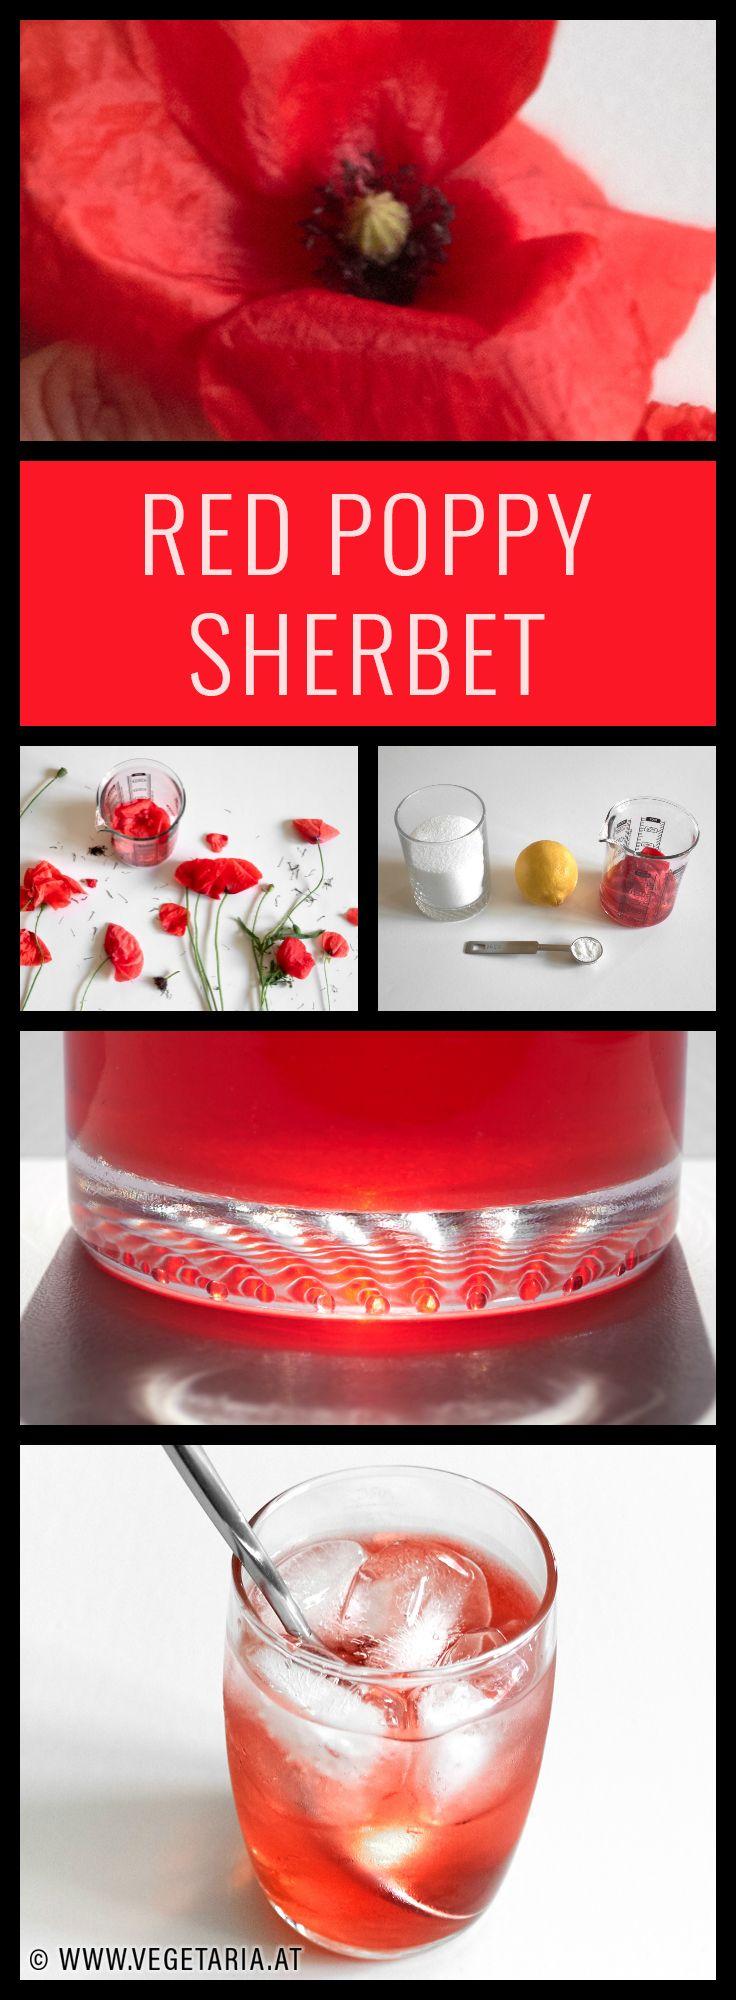 Summertime + red poppies = sherbet.